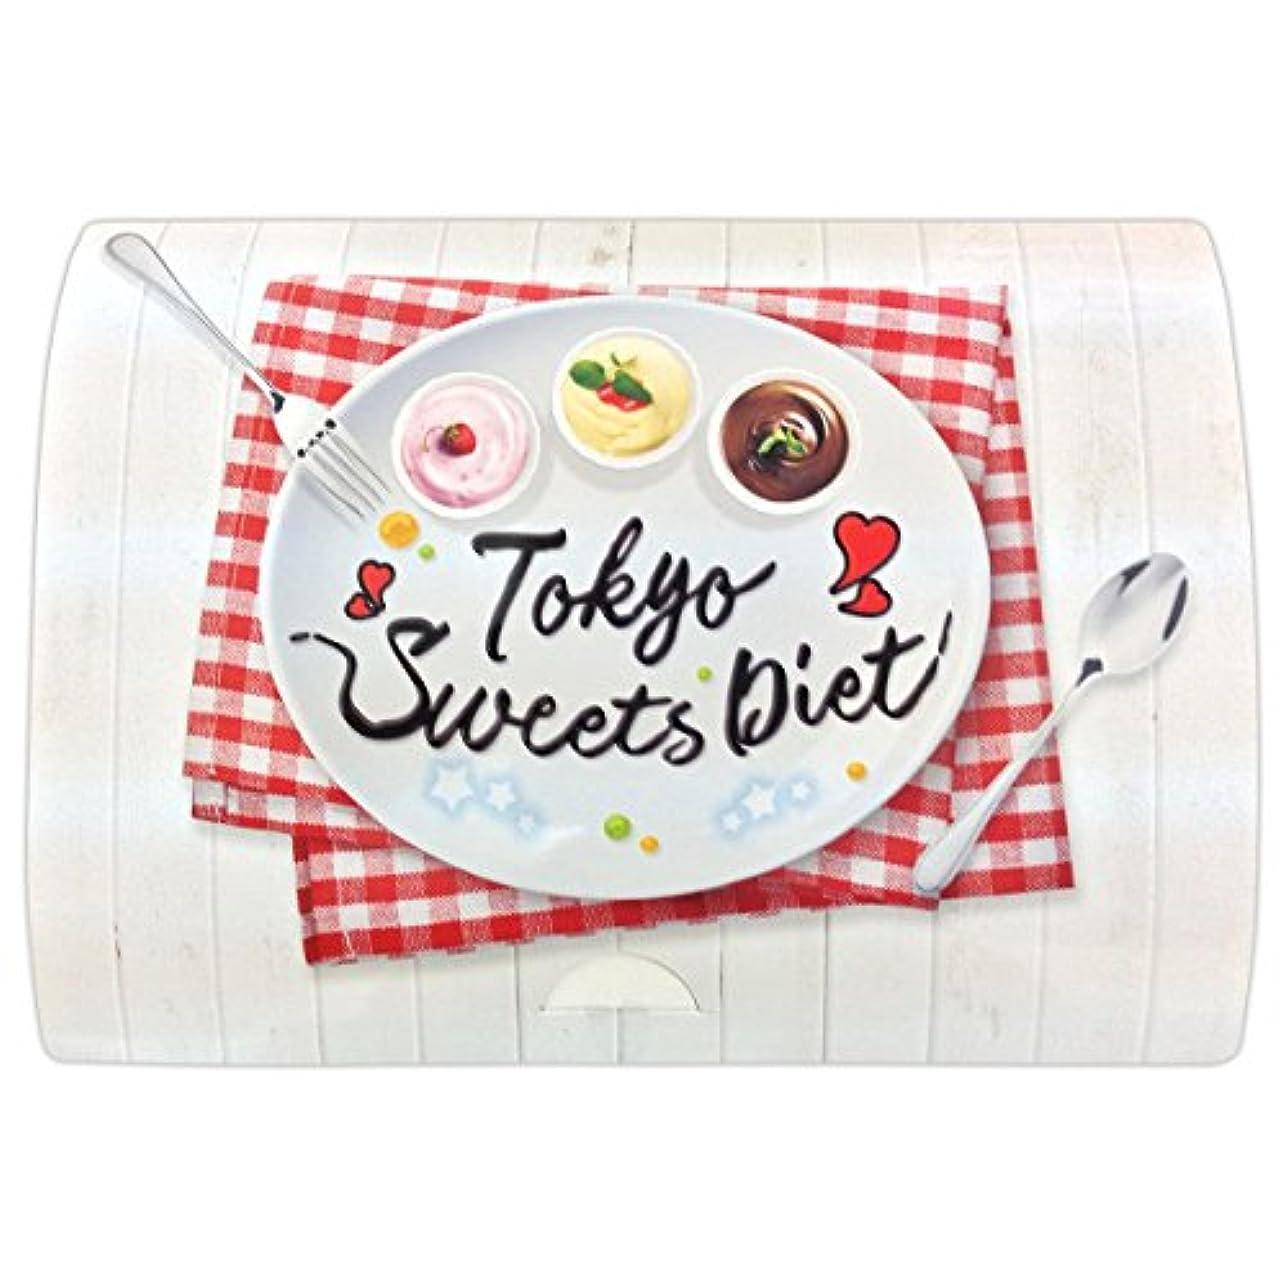 モスク大工おんどりIDEA TOKYOスイーツダイエット 置き換えダイエットスイーツ 15食(1包:15g) ストロベリー味 チョコレート味 プリン味